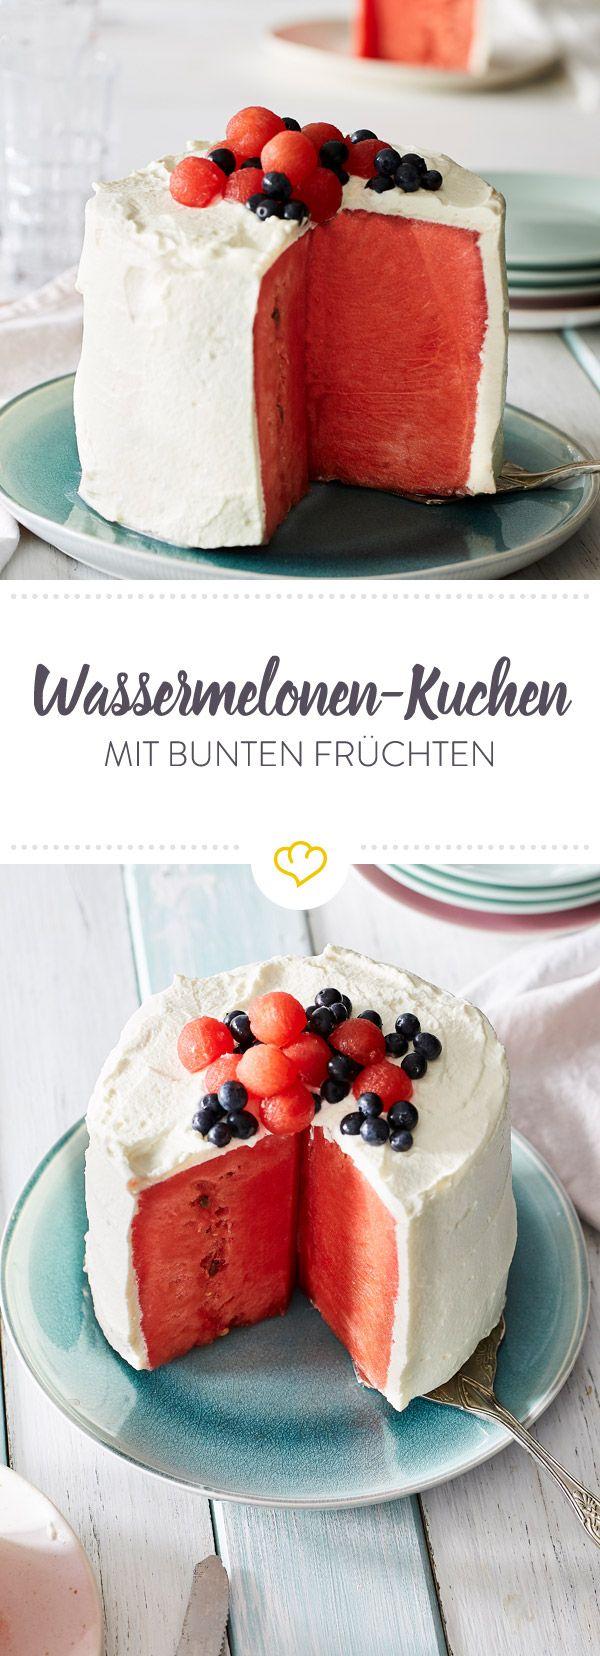 So einfach wirst du mit 5 Zutaten zum Tortenbäcker. Die Basis: fruchtig-saftige Wassermelone. Die Creme: süße Vanillesahne. Das Topping: kleine Blaubeeren.